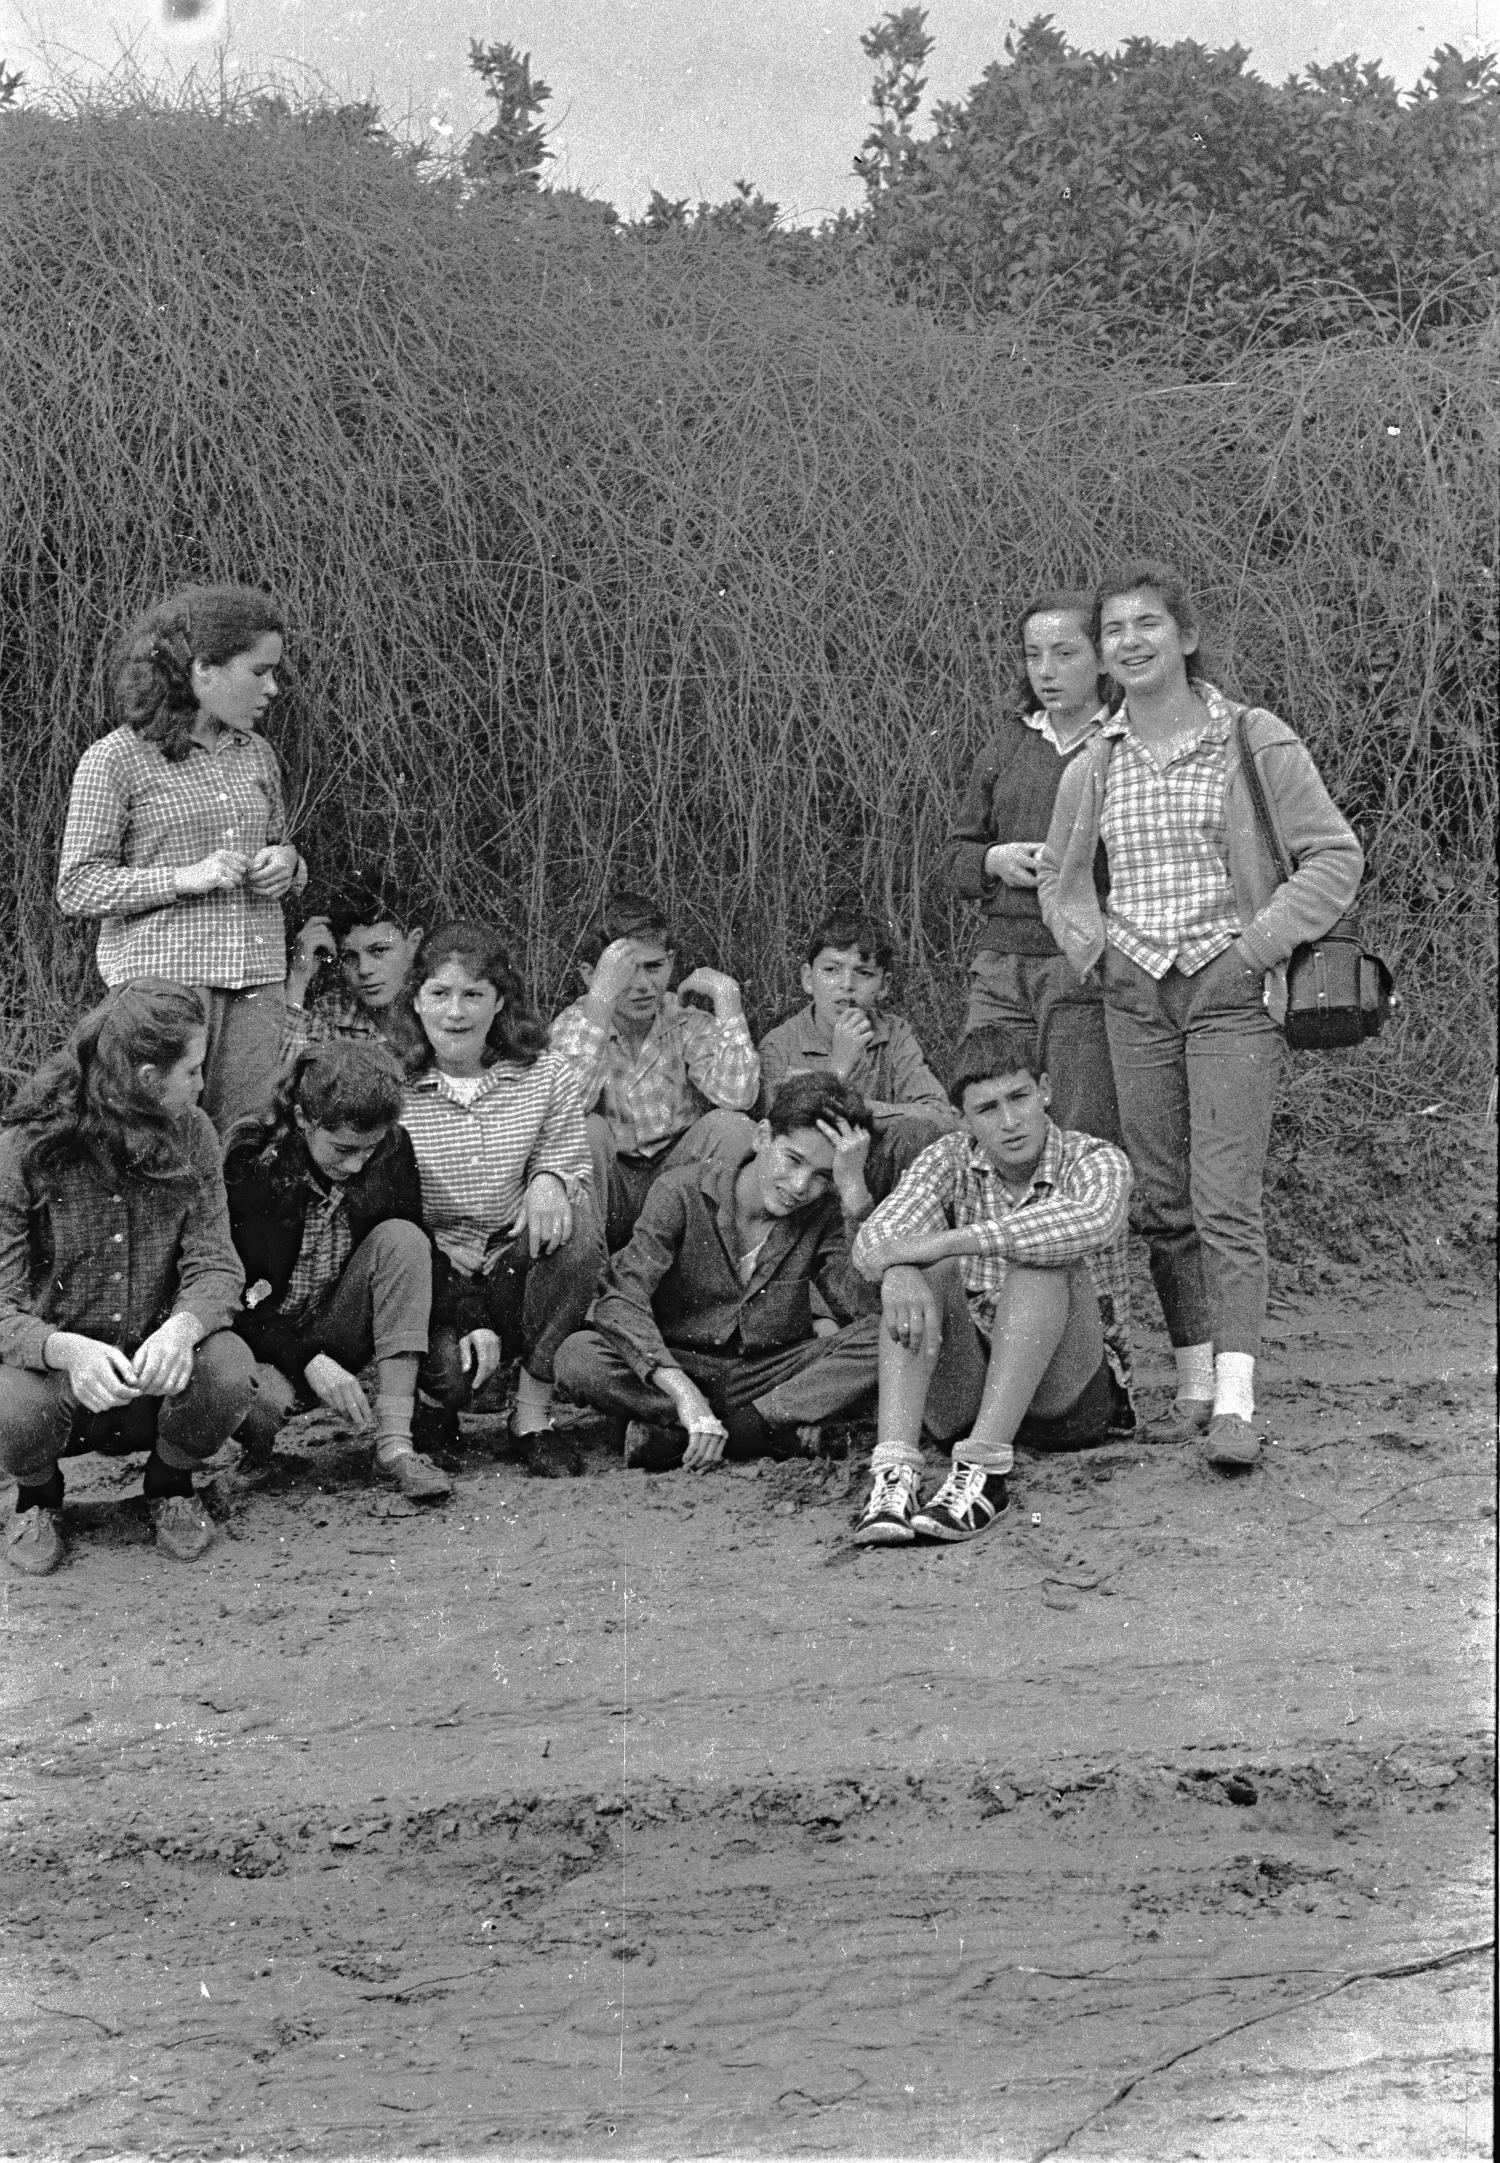 קבוצת נרקיס בטיול